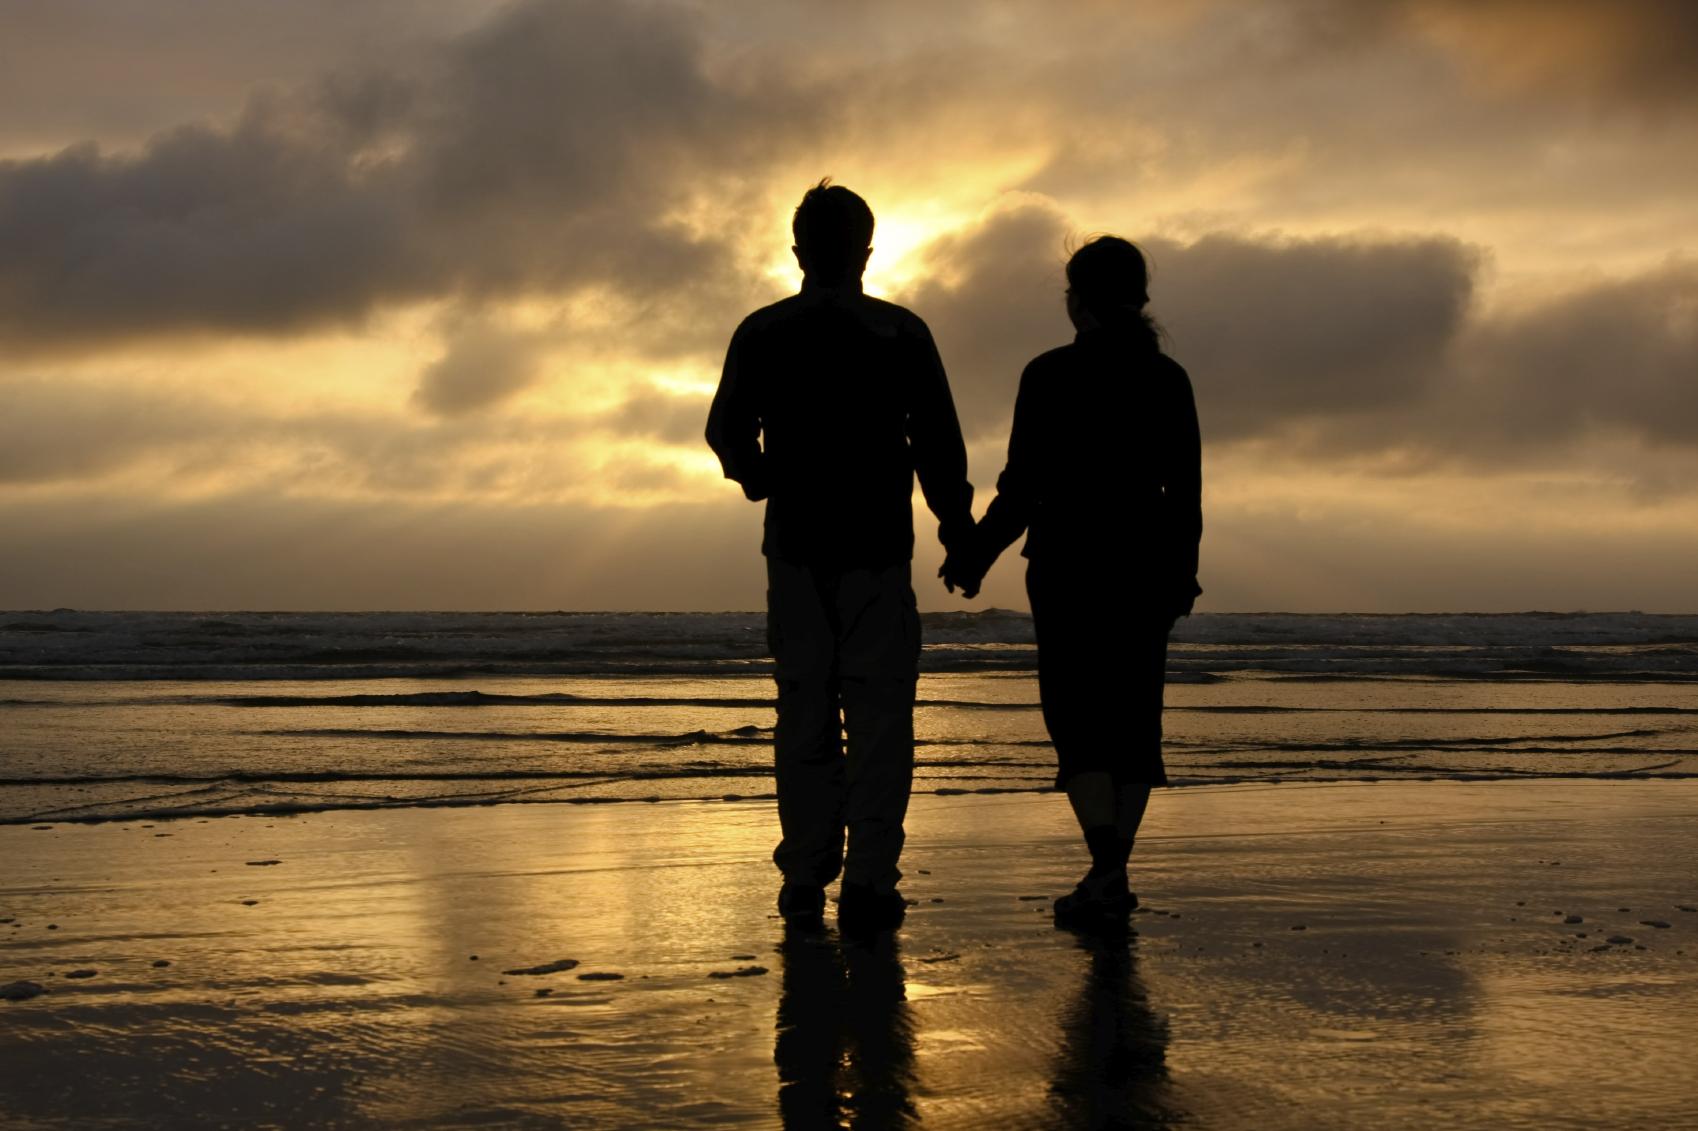 بالصور قصص حب رومانسية جريئة , الحب الرومانسي الملحمي و جراته 1066 5